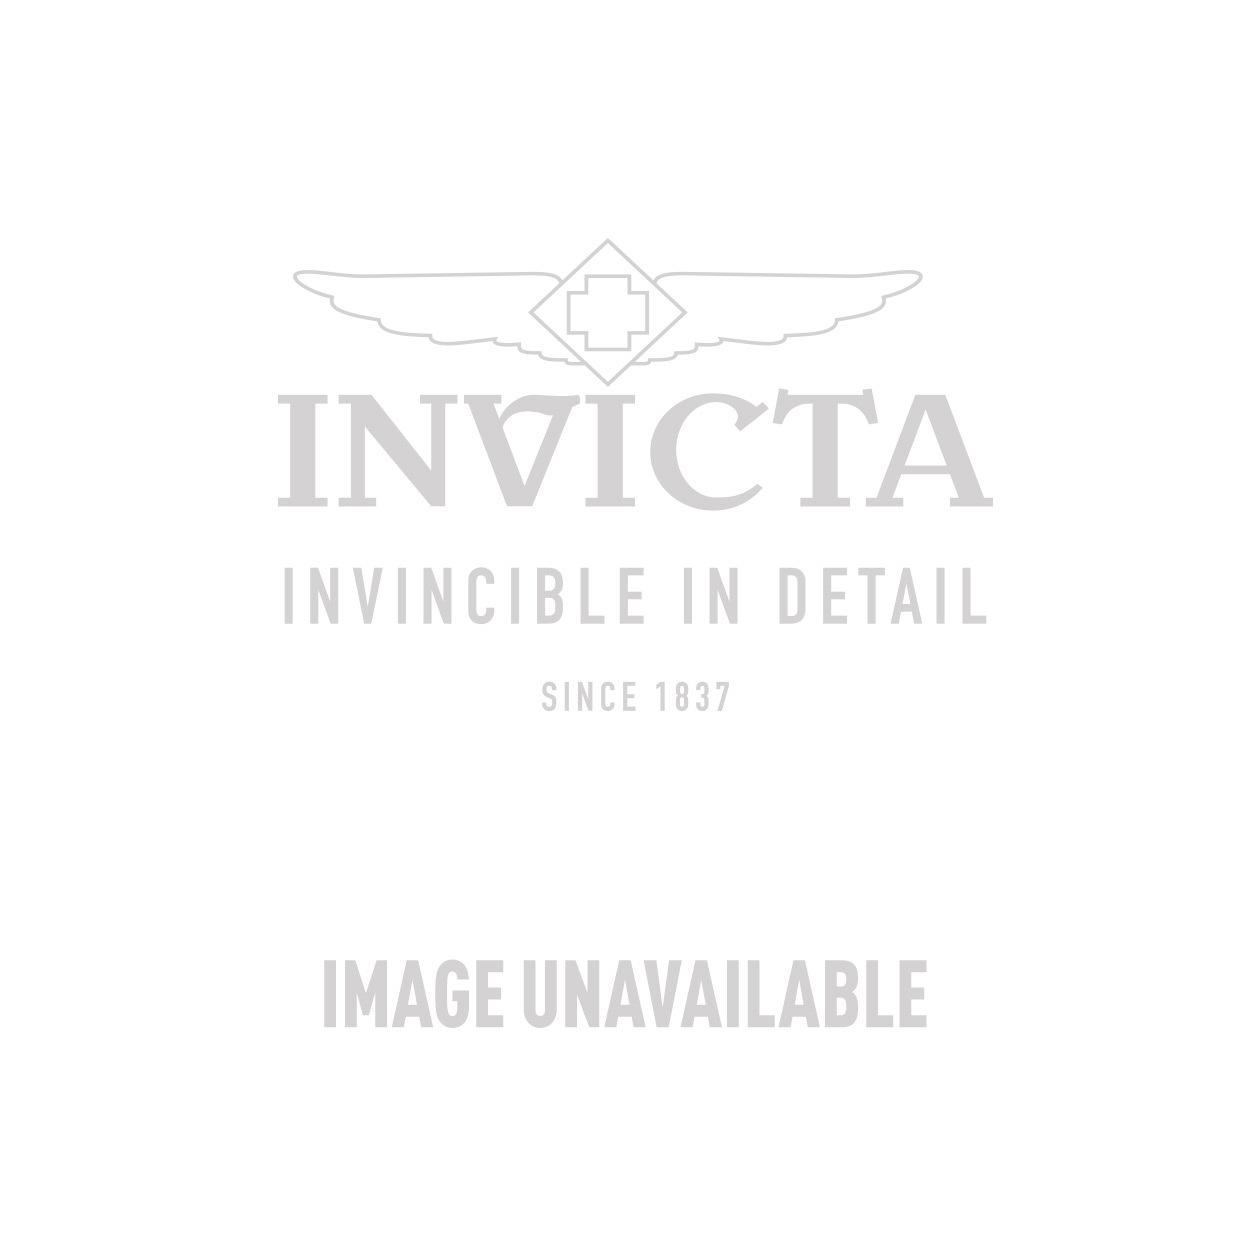 Invicta Model 23560